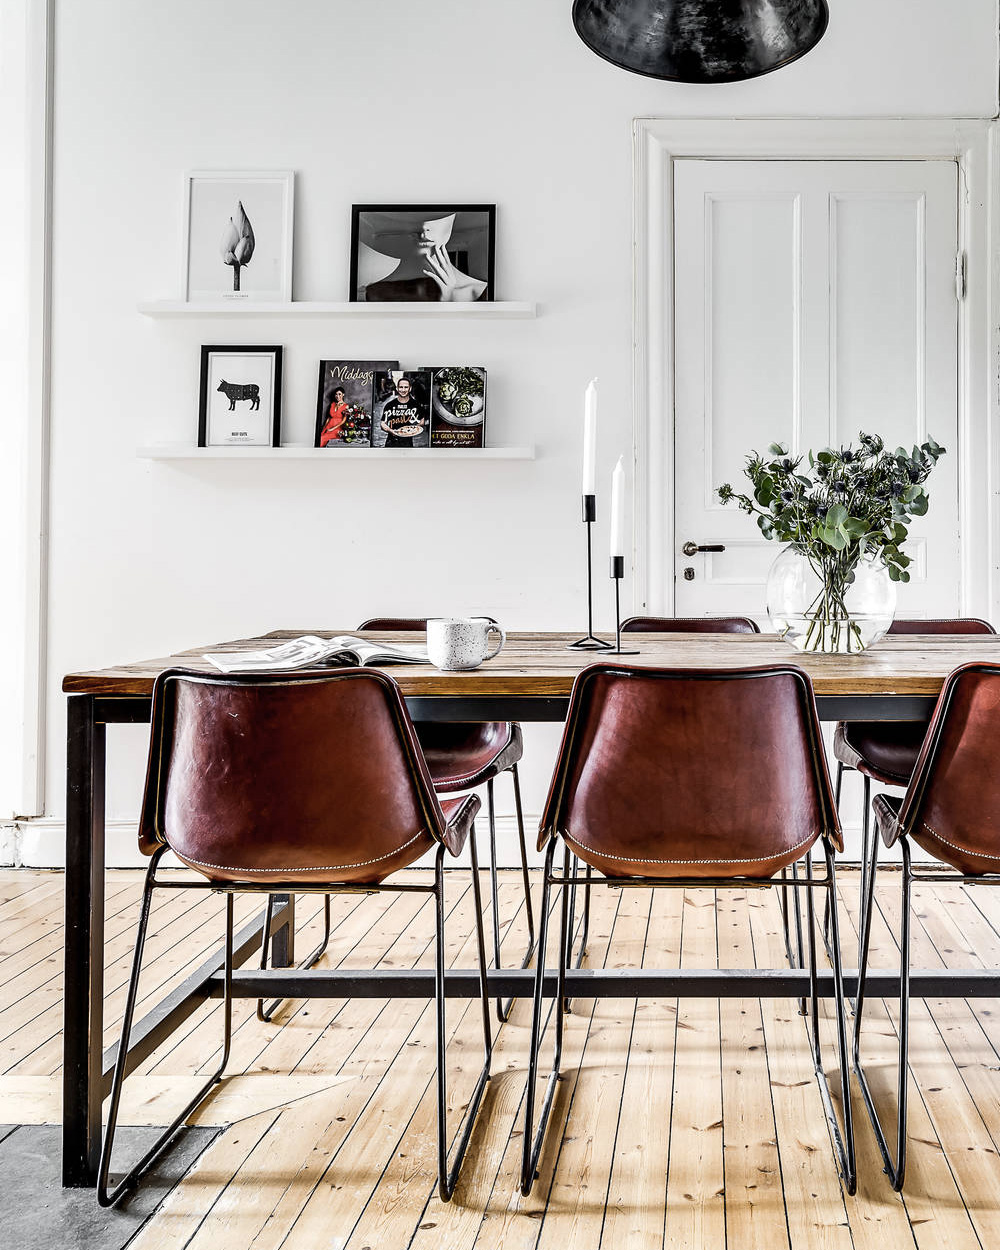 table salle a manger en métal dans cuisine